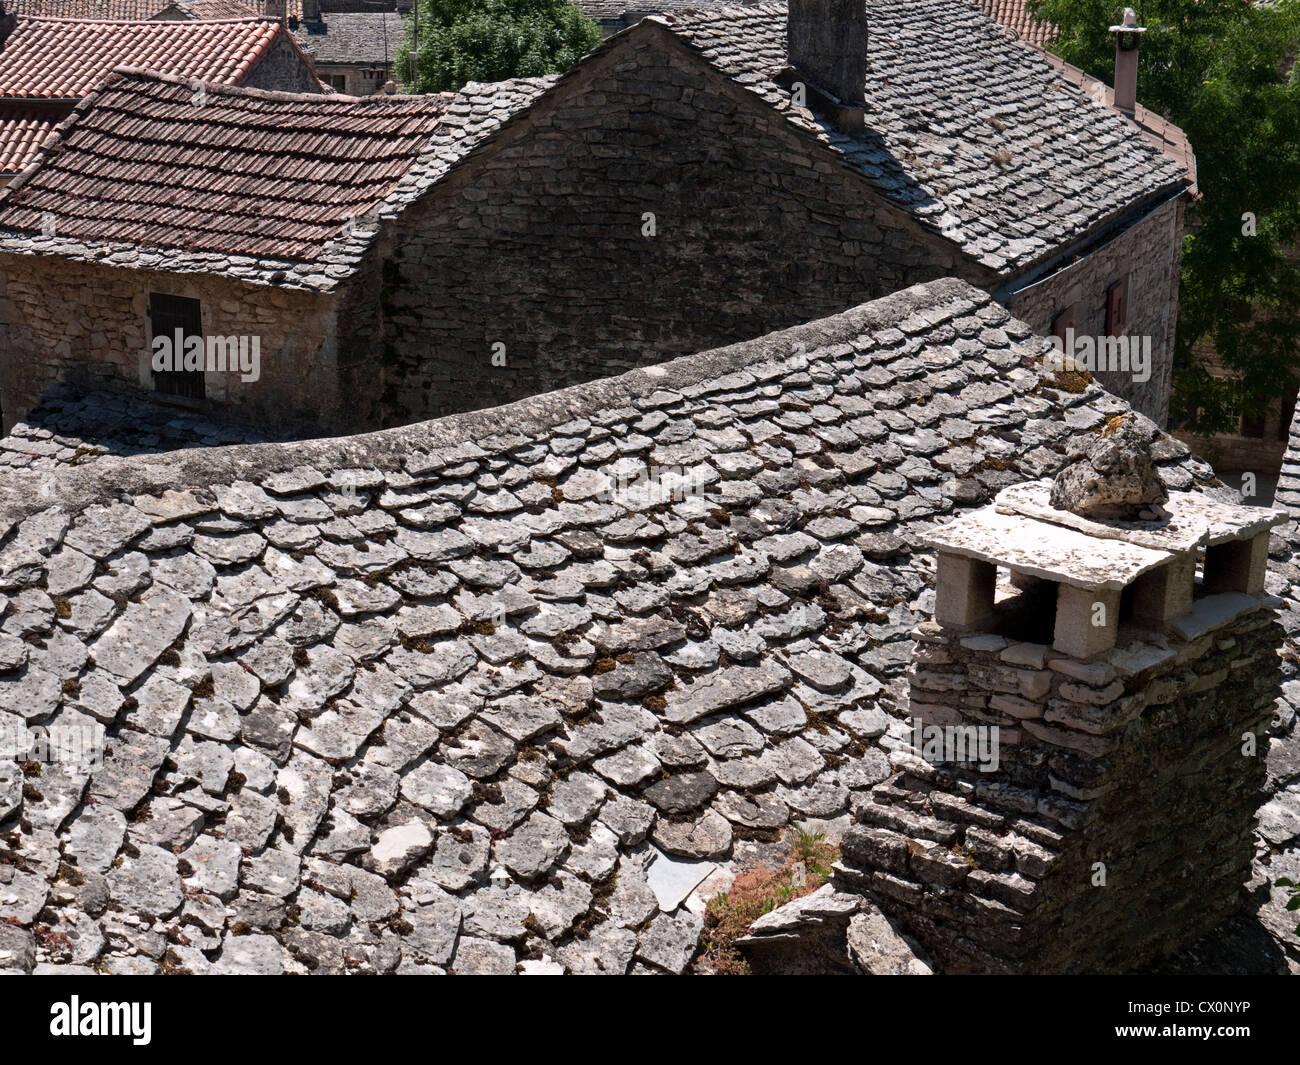 Sul tetto di piastrelle in pietra nel borgo medievale cinto da mura